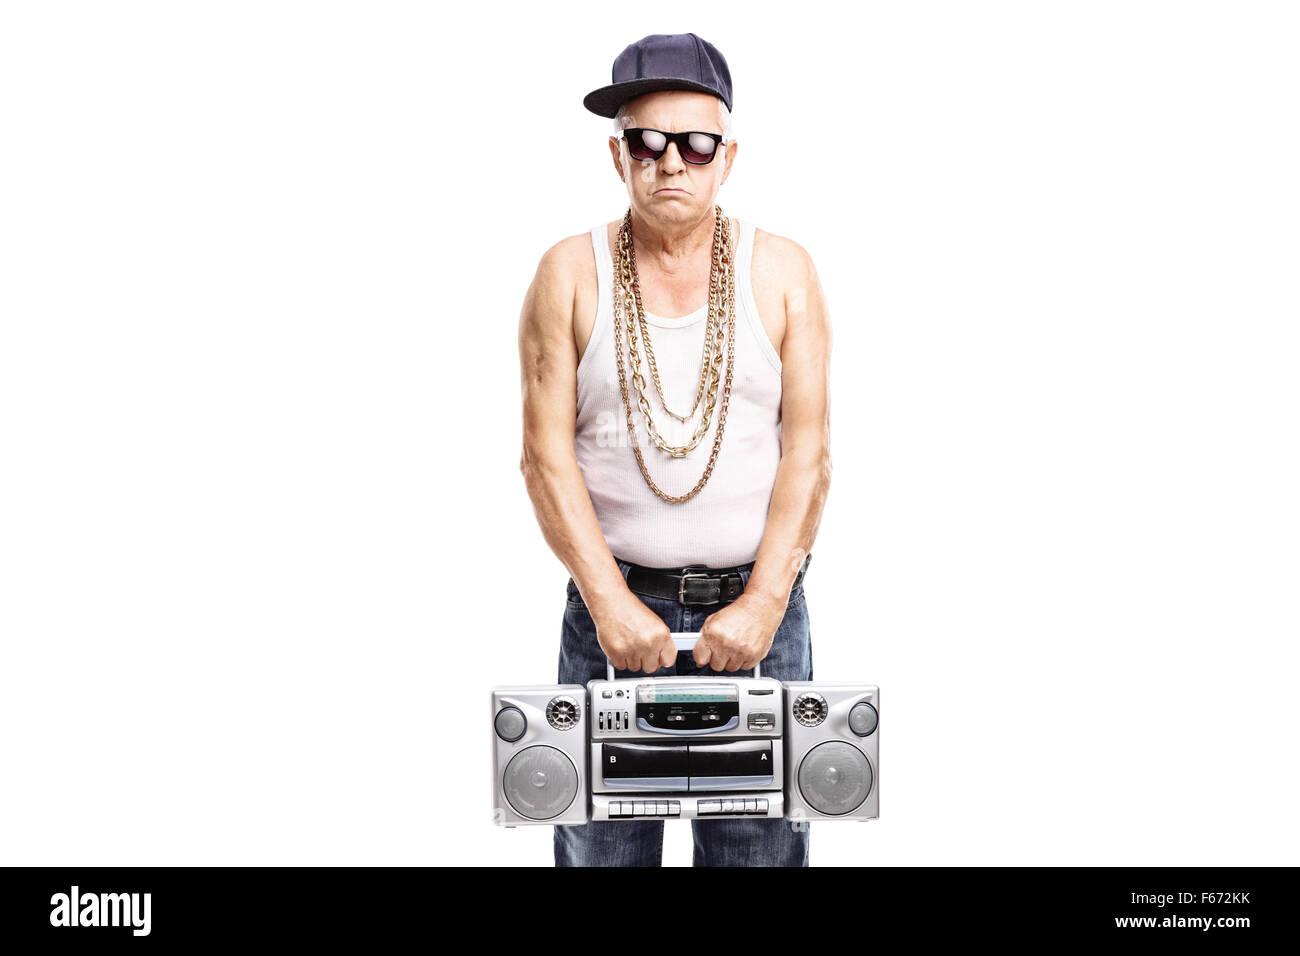 Il rapper maturo tenendo un ghetto blaster e guardando la telecamera  isolata su sfondo bianco Immagini facf193a5cbd